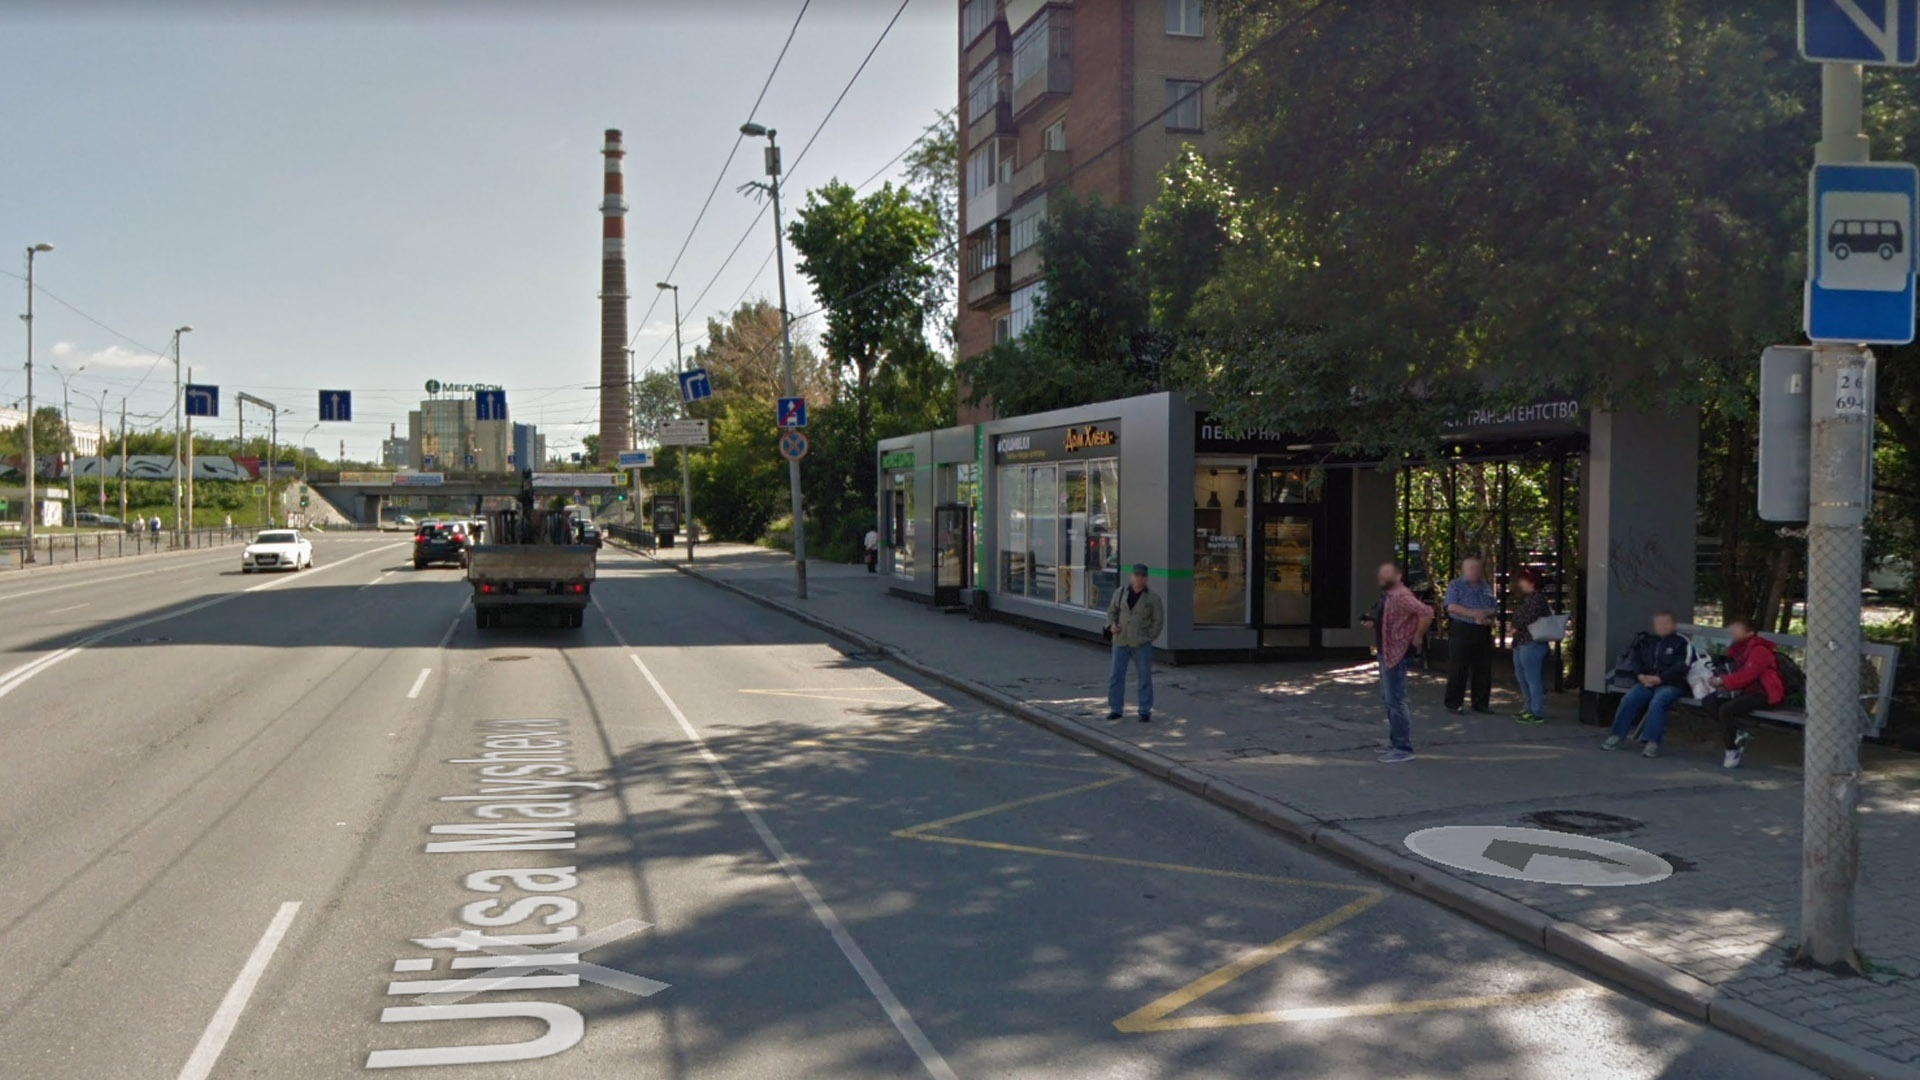 Стандартная выделенная полоса «по ГОСТу» прерывается перед каждым перекрестком, и общественный транспорт оказывается в одном ряду с остальным транспортом